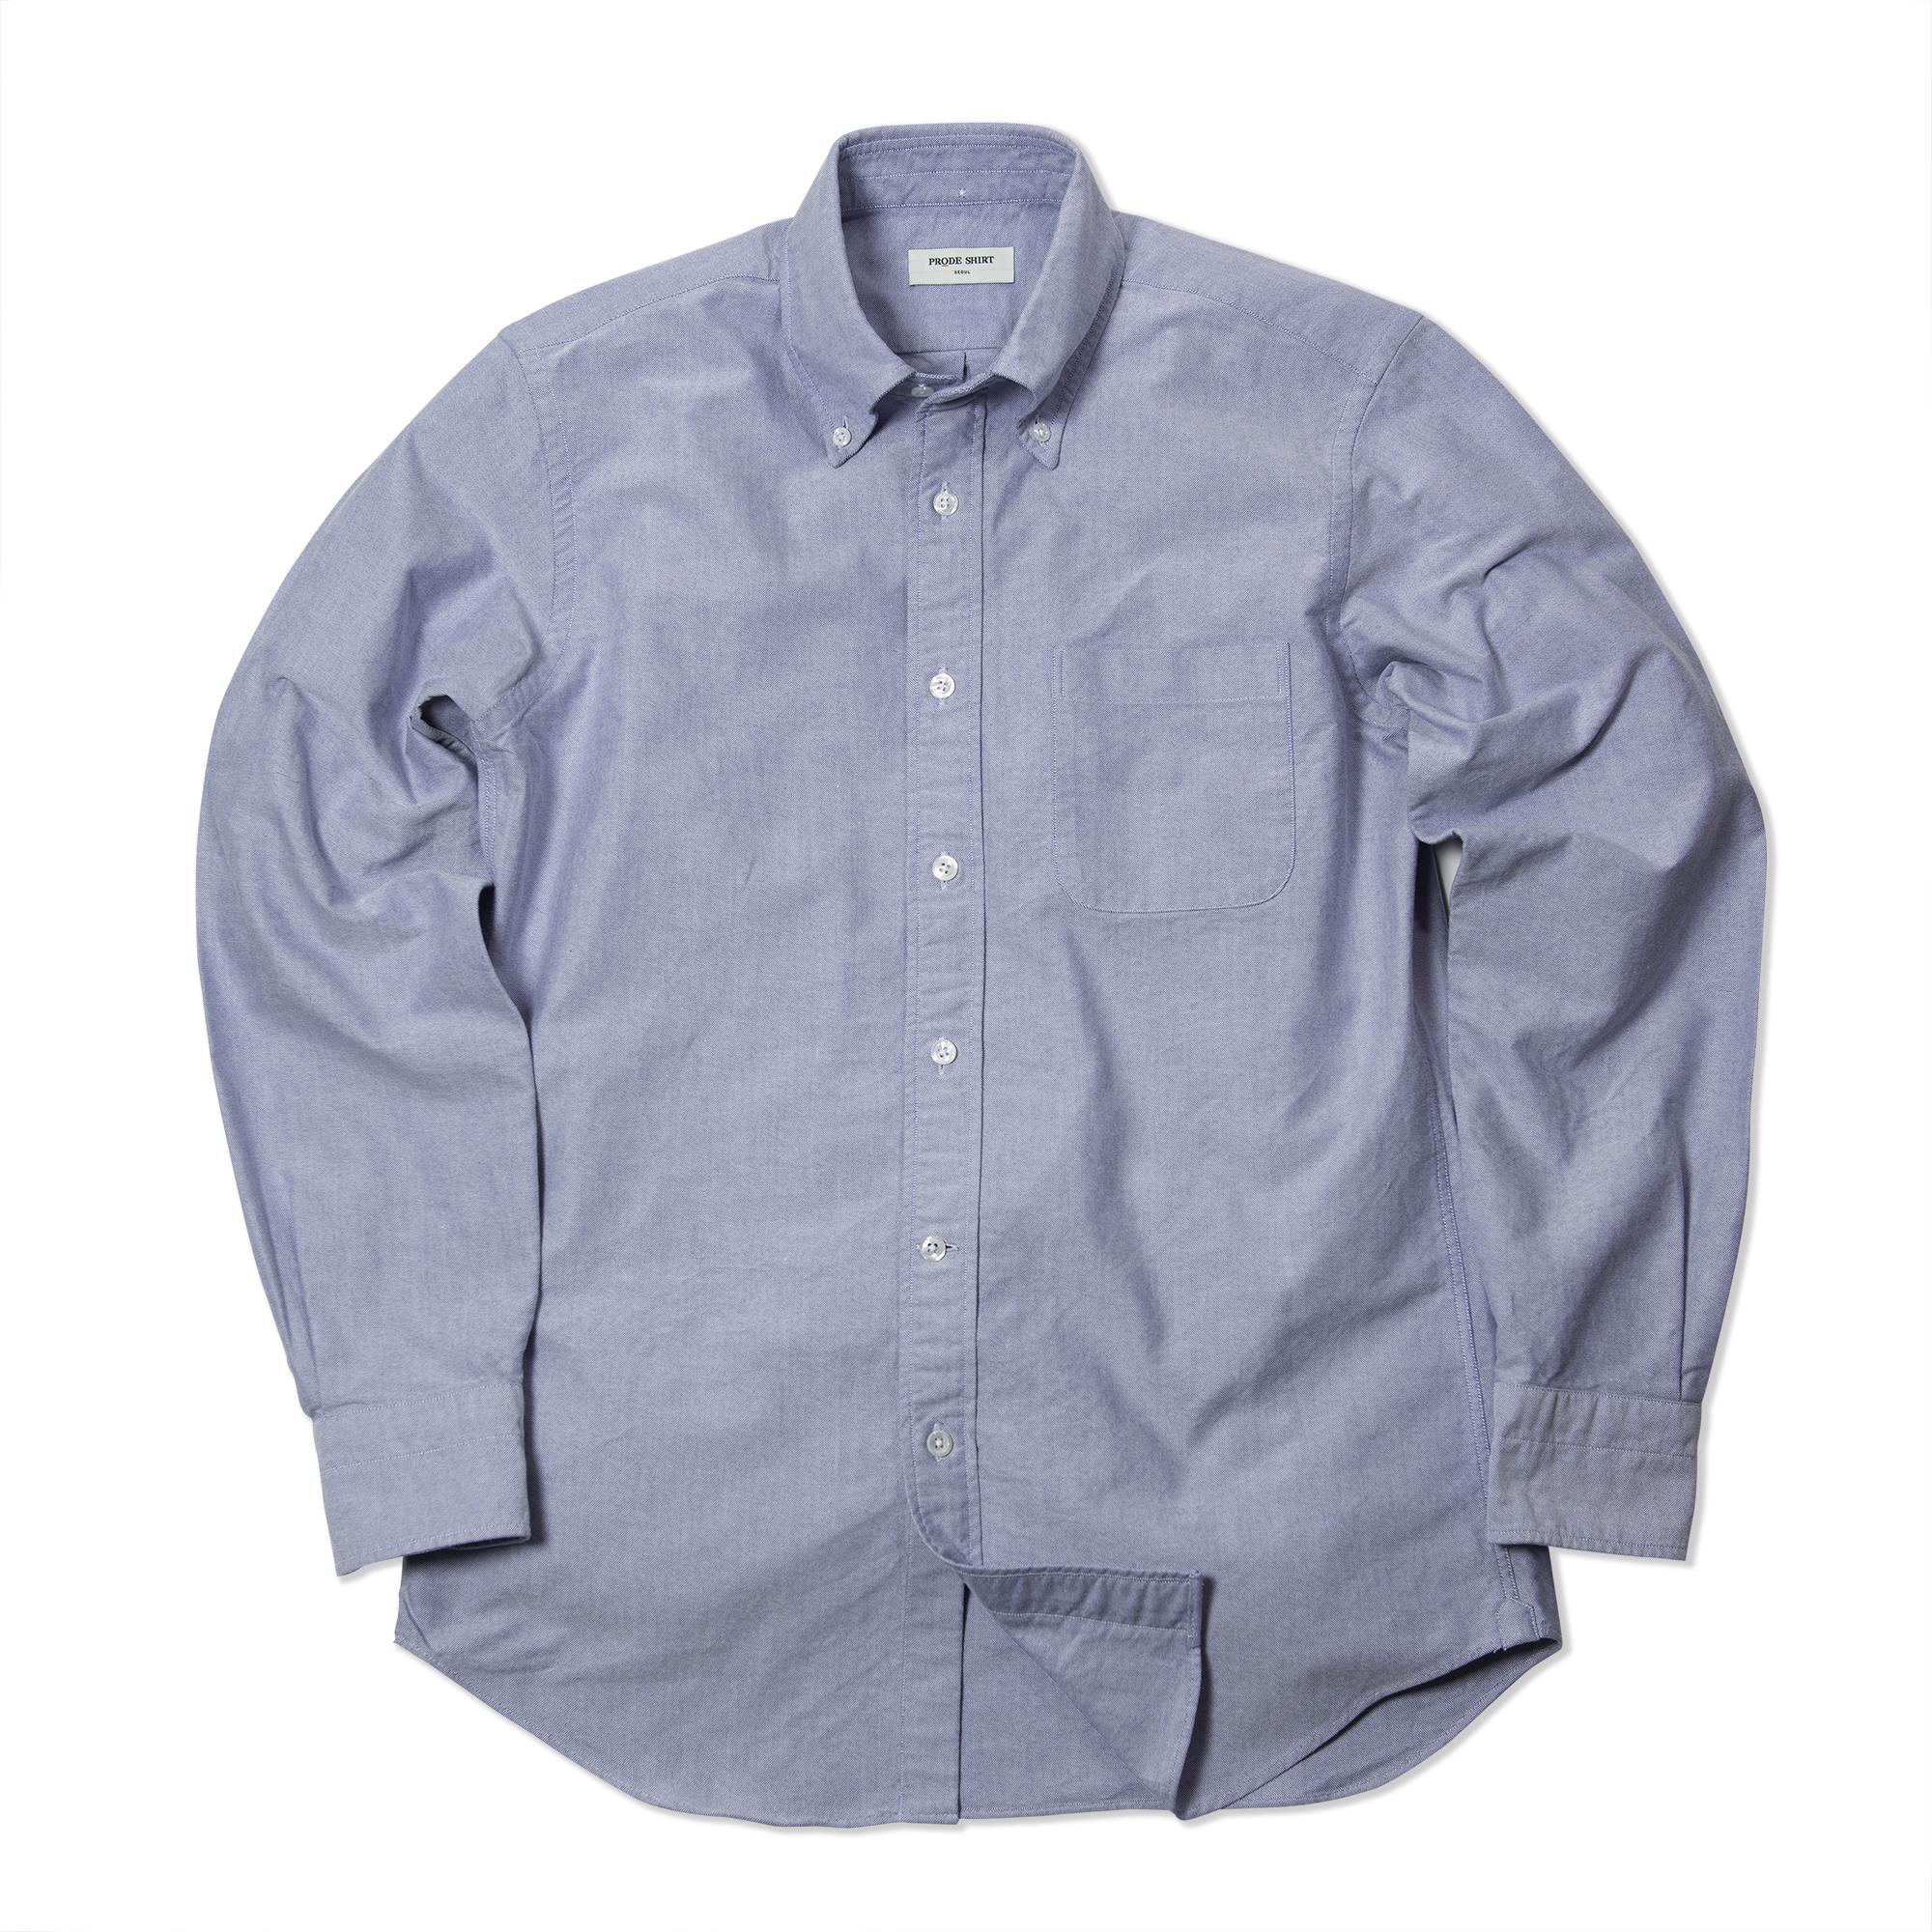 D-300 Oxford Shirt (NY)